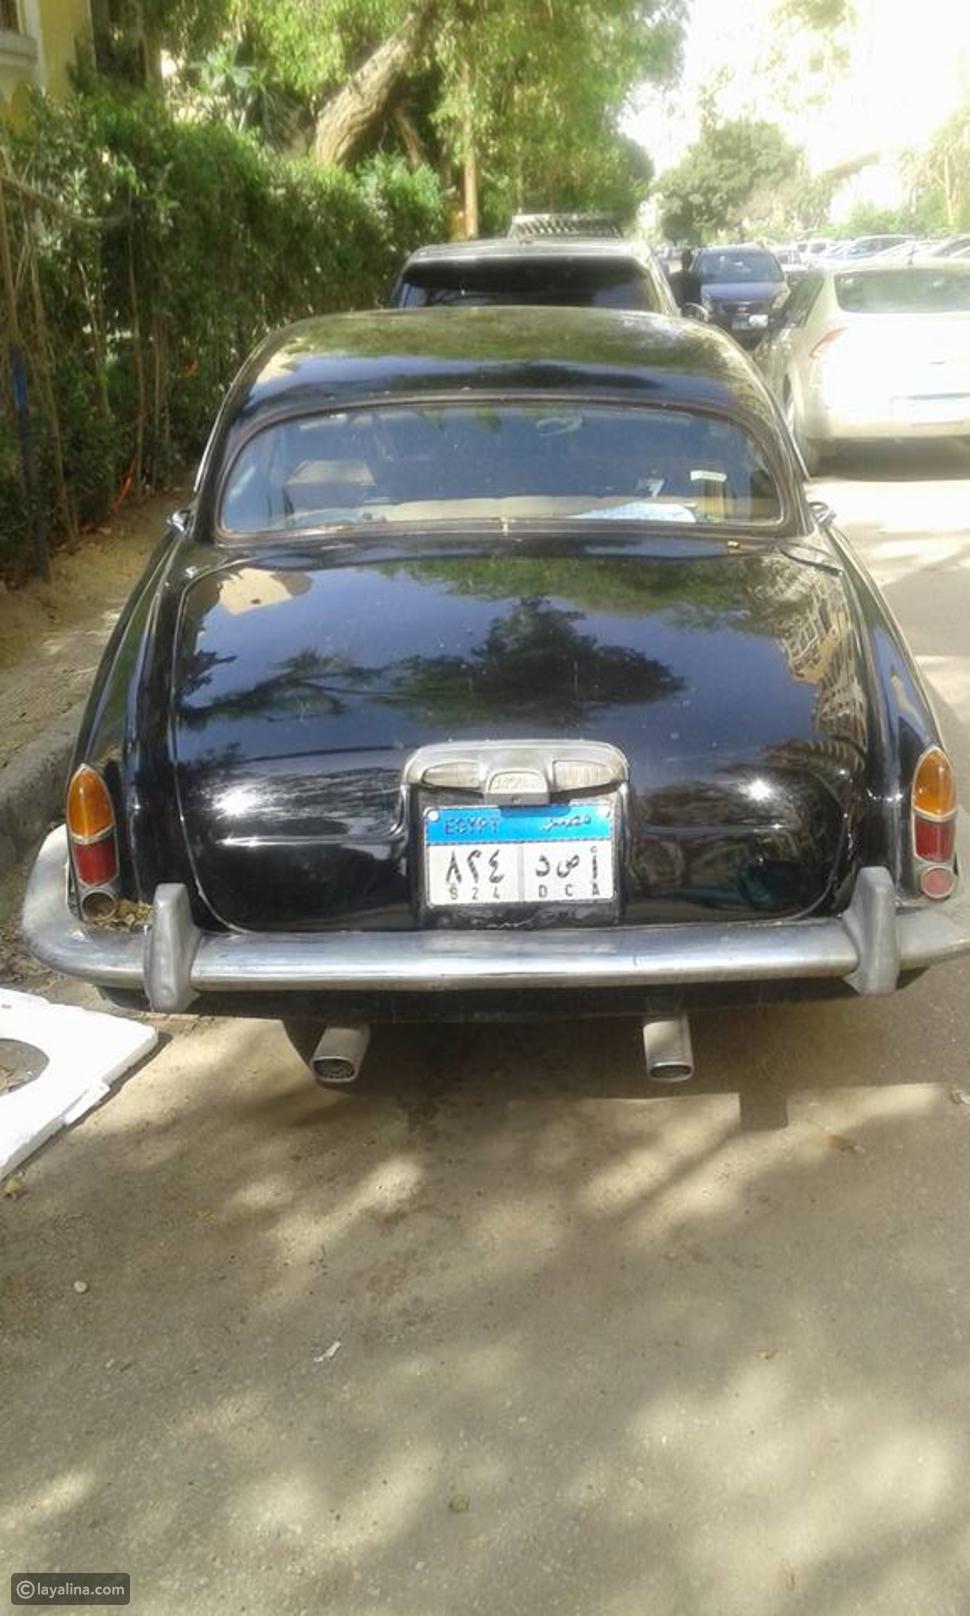 صور سيارة الراحل رشدي أباظة الجاكوار الفخمة والمعروضة اليوم للبيع بهذا الثمن